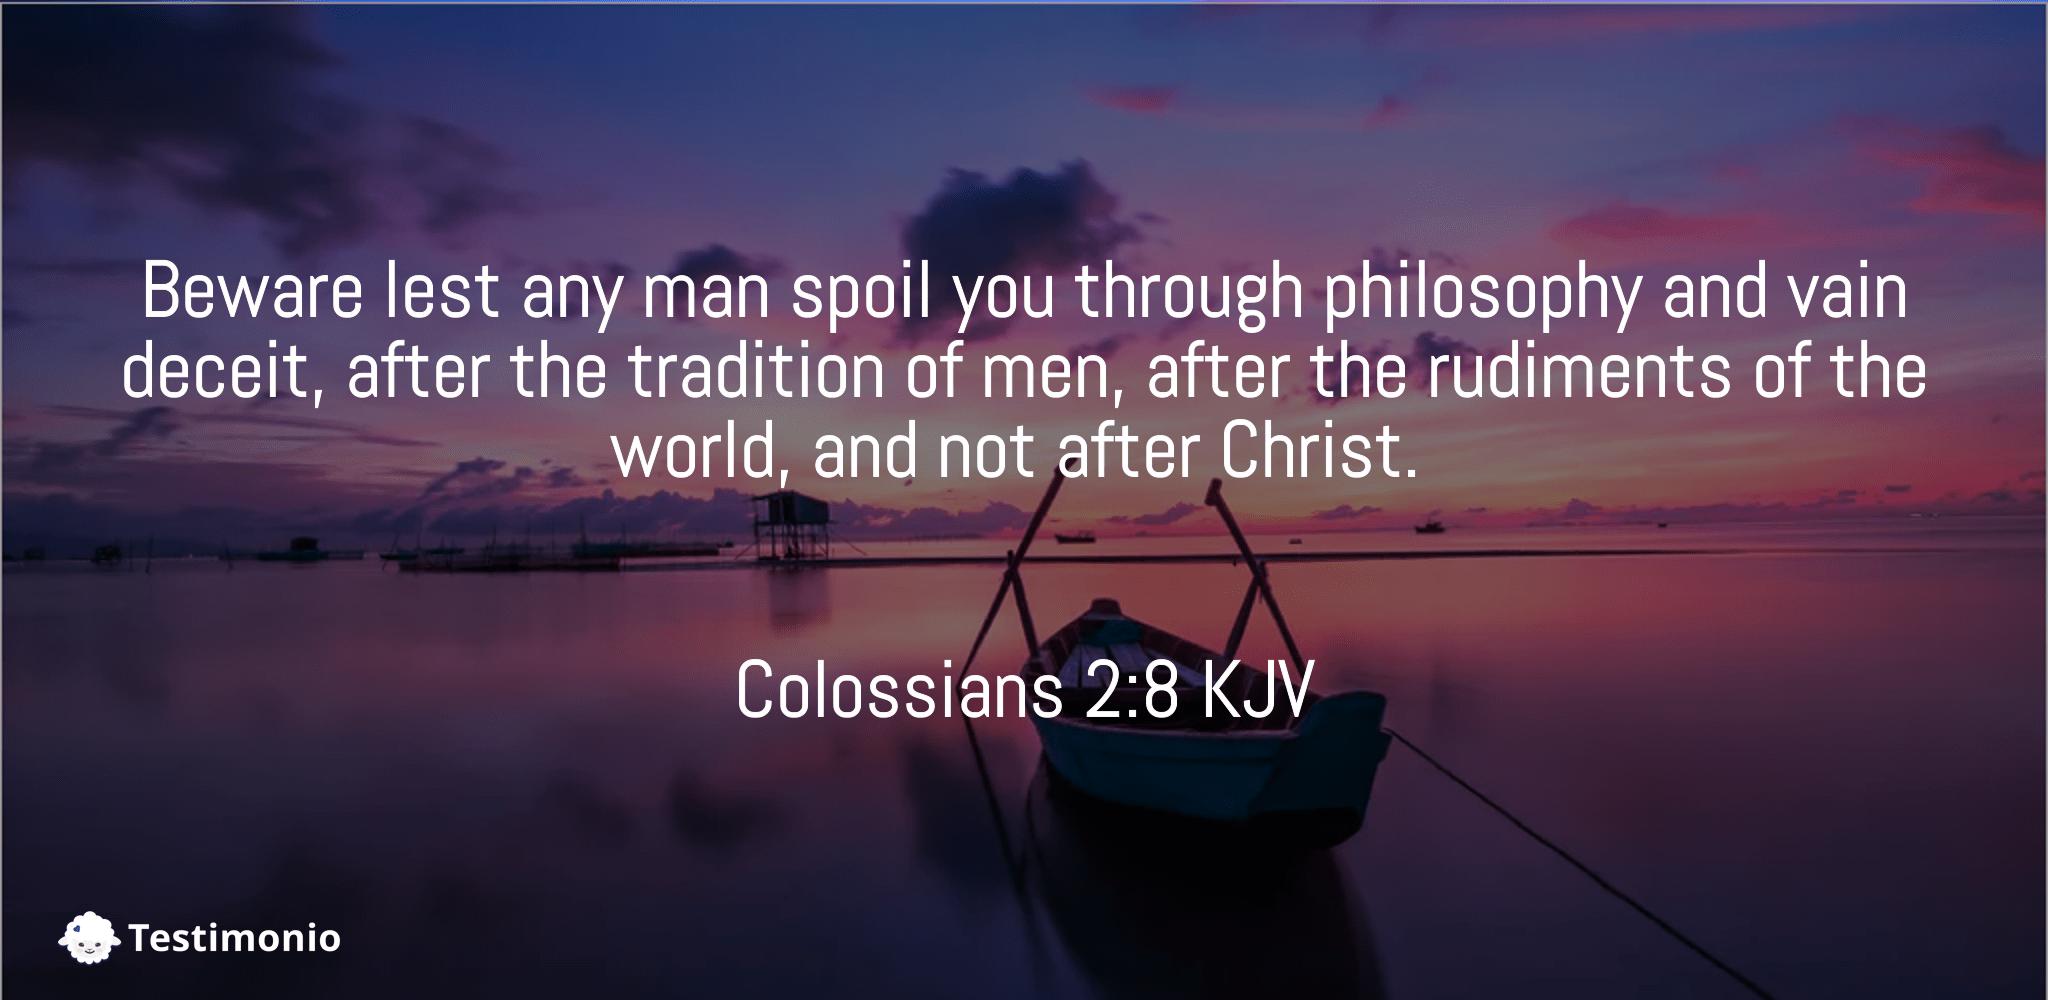 Colossians 2:8